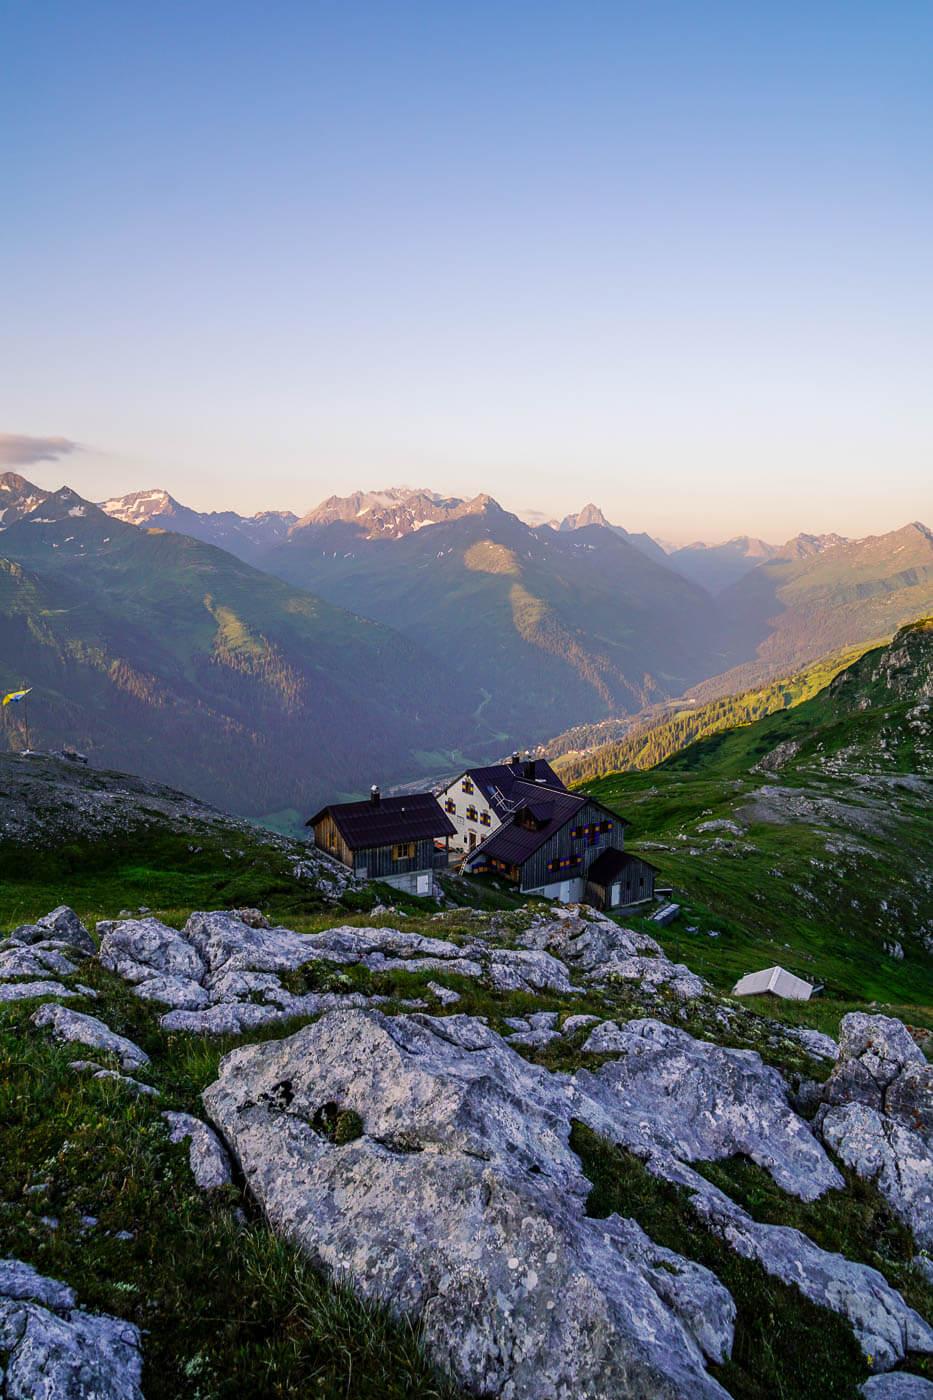 Leutkircher Hütte mit dem Verwall im Hintergrund, Lechtaler Alpen, Österreich